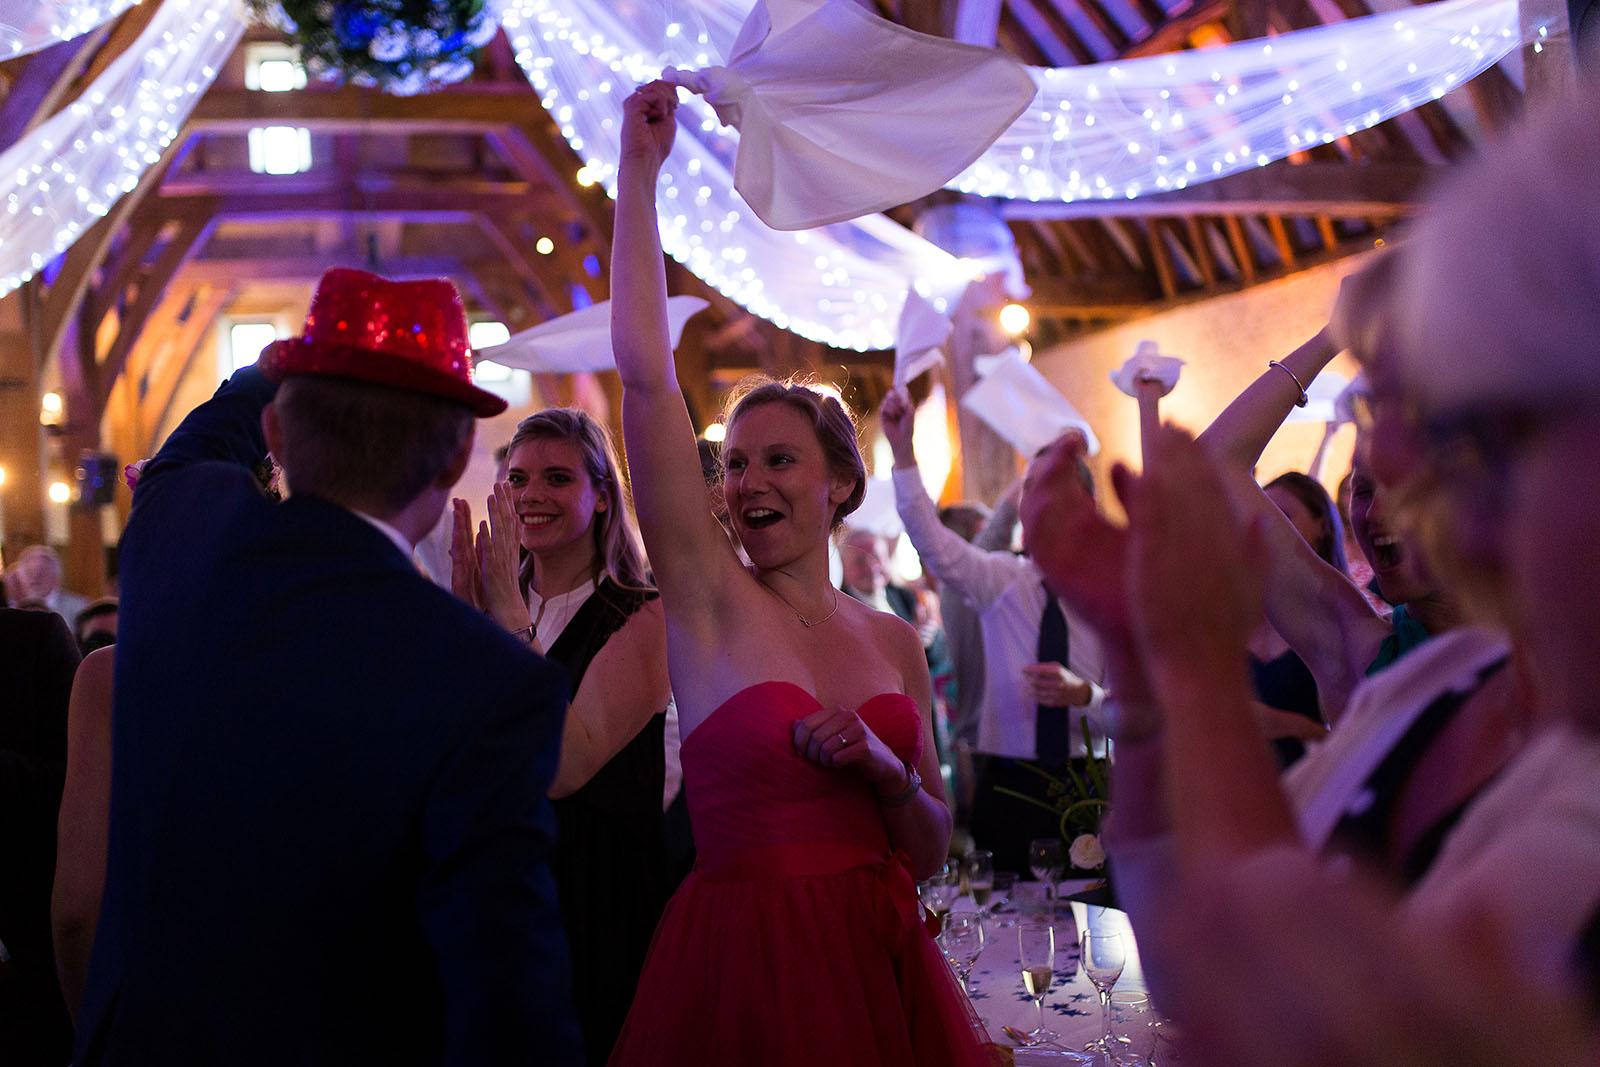 Mariage au Manoir de Corny en Normandie. Les mariés entrent dans la salle de repas